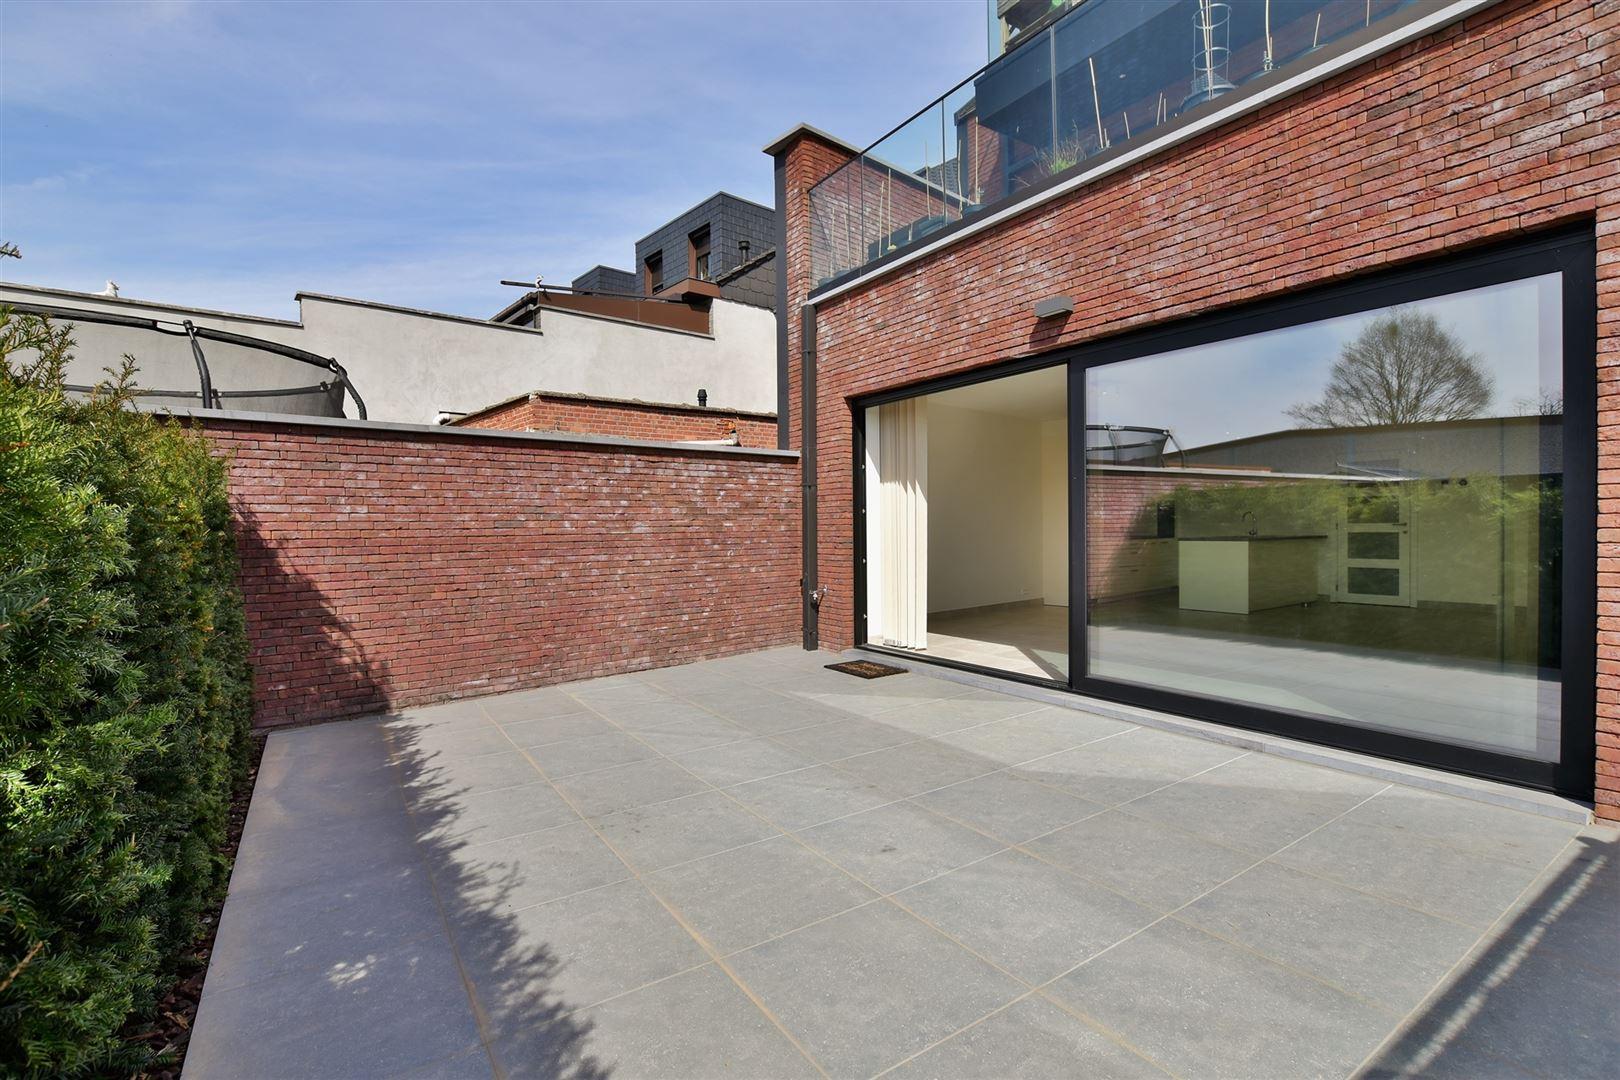 Foto 5 : Appartement te 9200 OUDEGEM (België) - Prijs € 830